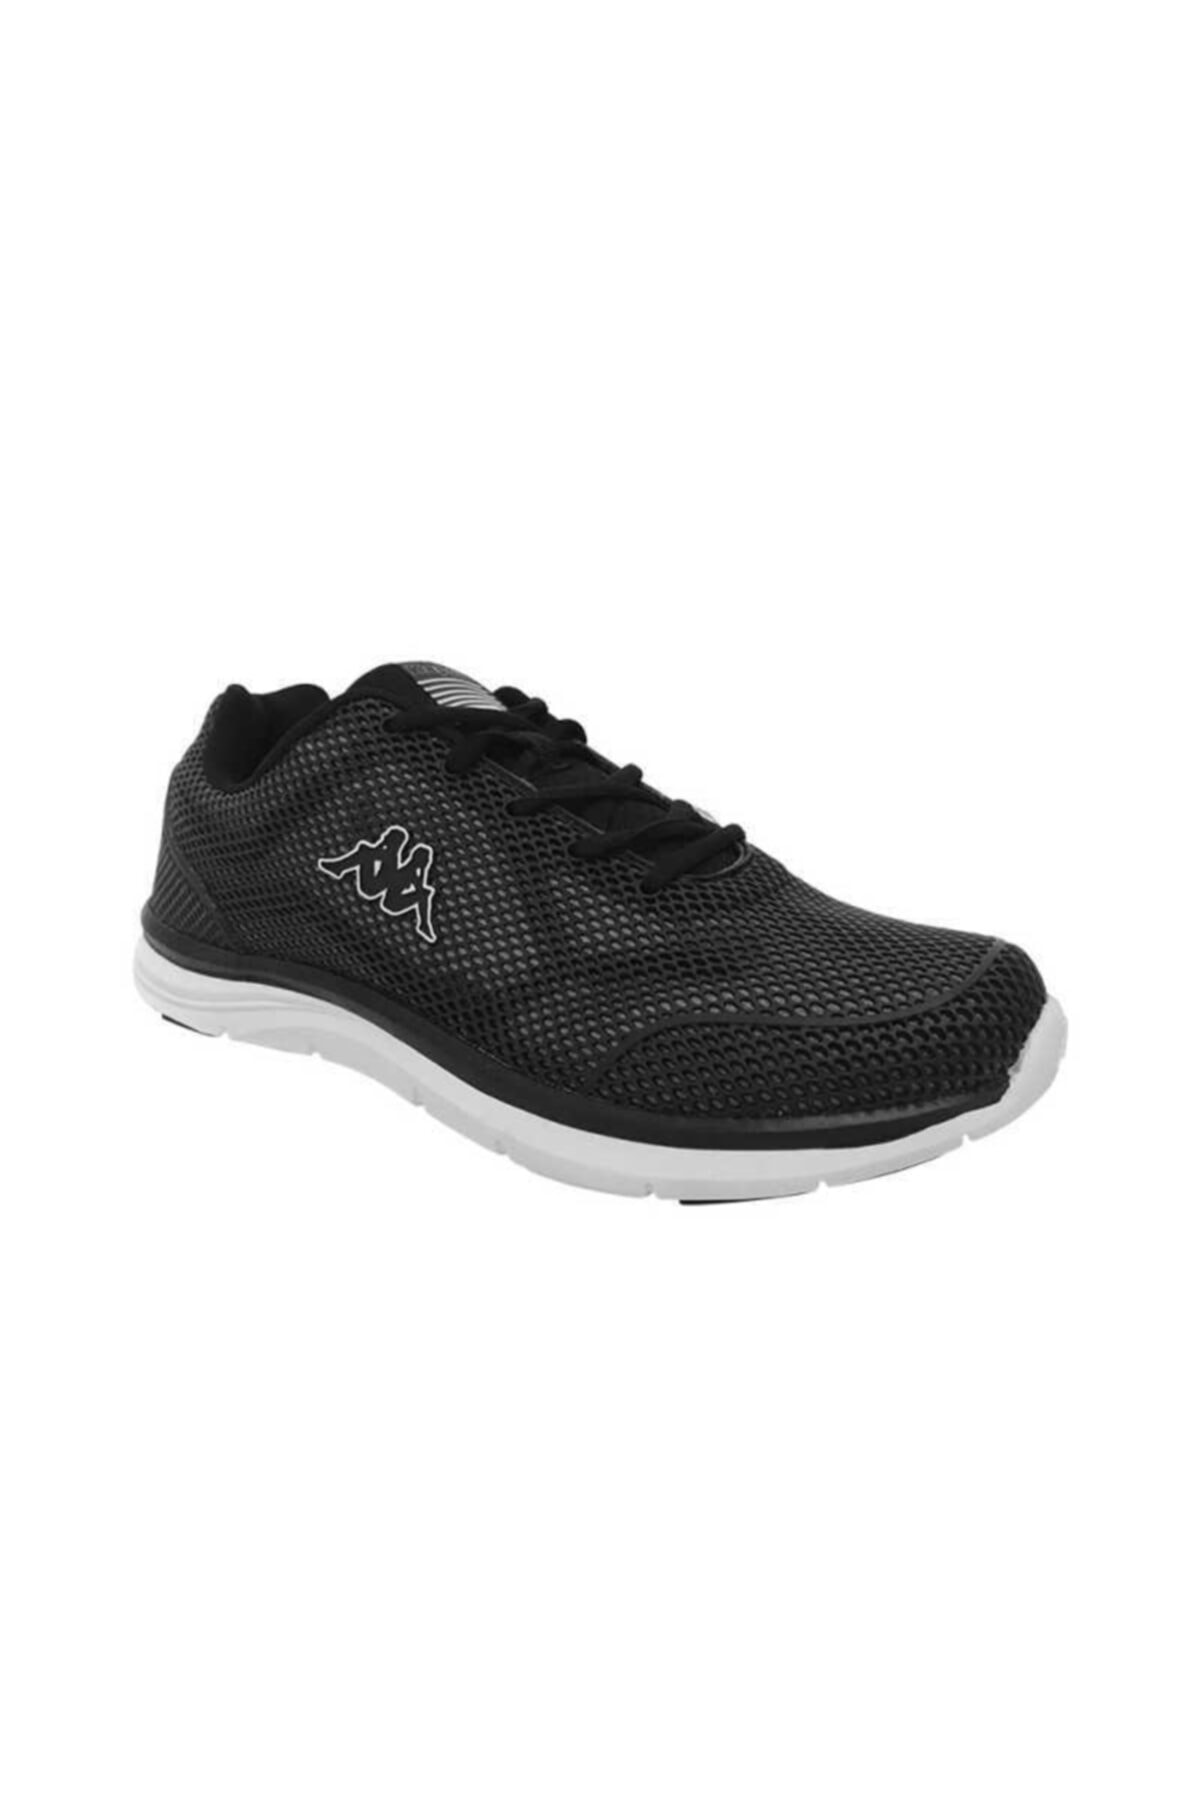 Kappa Sneaker Ayakkabı 2